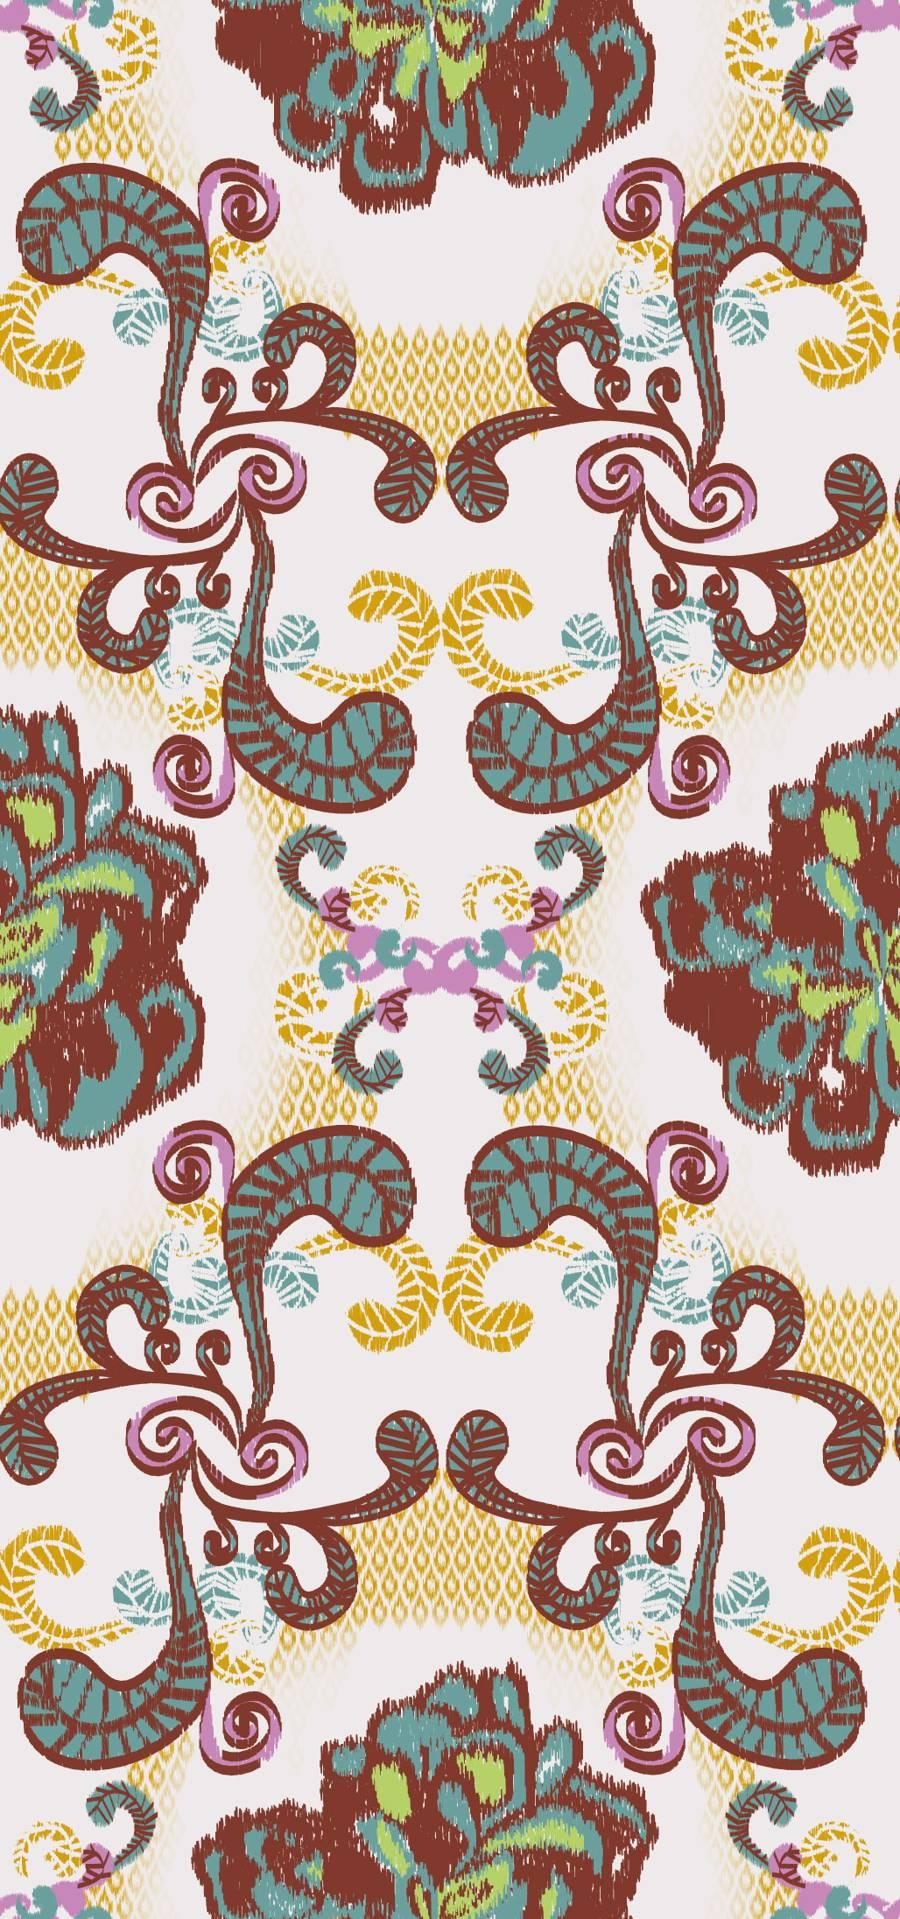 SEAL - Lycra de Poliester Reciclado de 230 gr/m2 - Decorado floral etnico